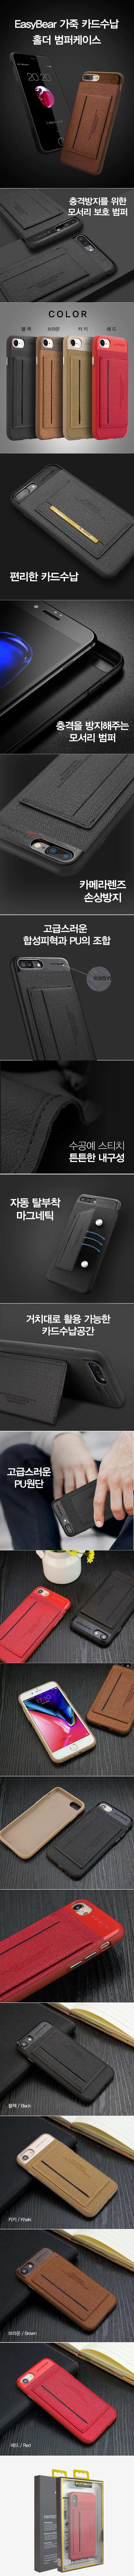 Easybear 카드수납 홀더 케이스 아이폰 7 8 플러스 X XS - 비오비, 8,500원, 케이스, 아이폰X